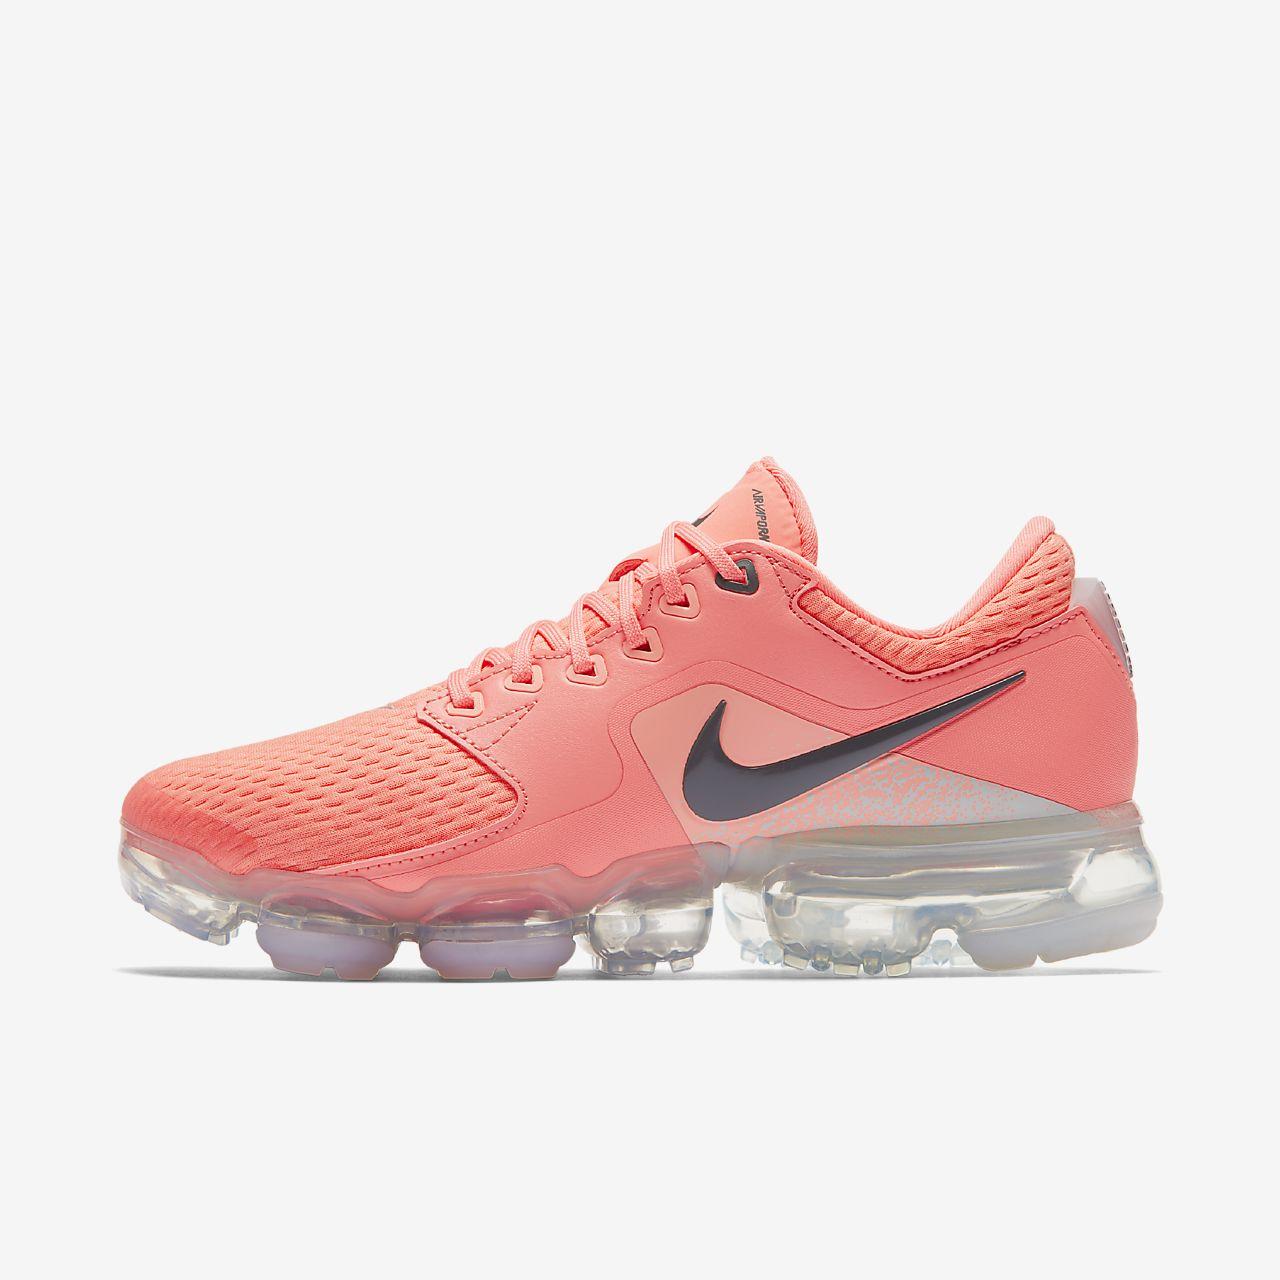 arrives dc07d cd3ef Vapormax Running Air De Femme Ch Pour Chaussure Nike x6Paw1gq14